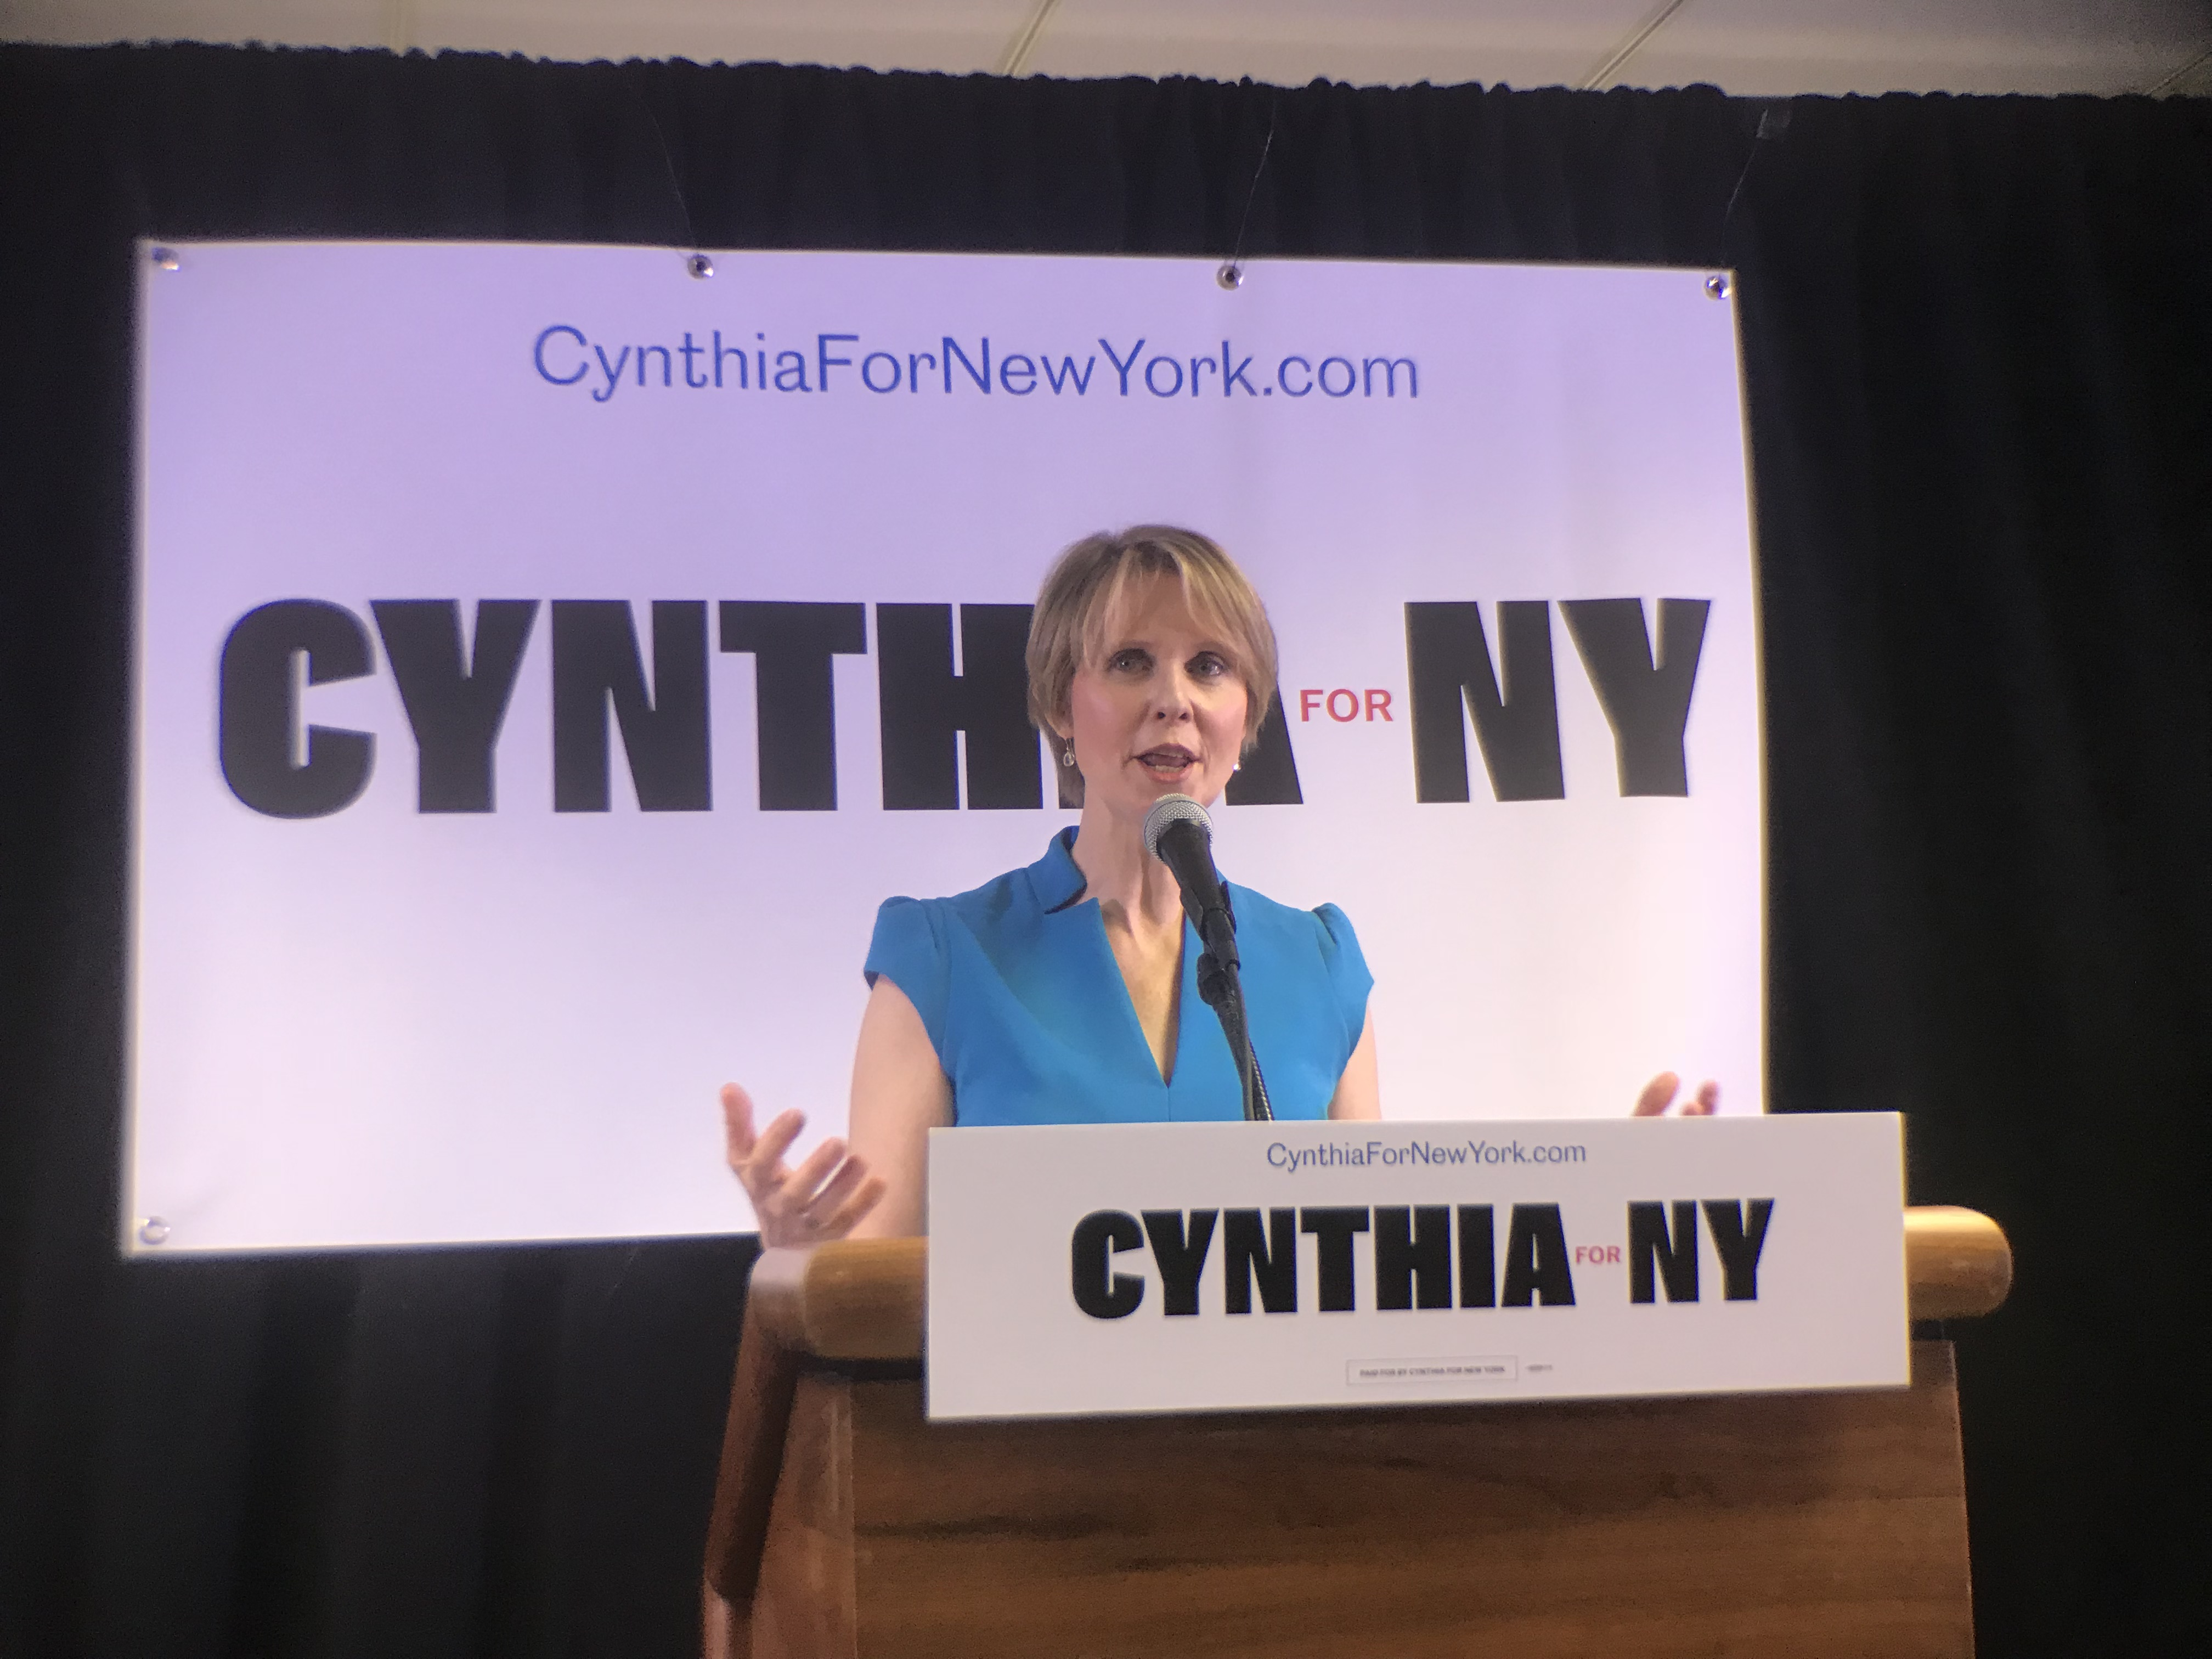 Cynthia Nixon Criticizes Cuomo, Calls Albany